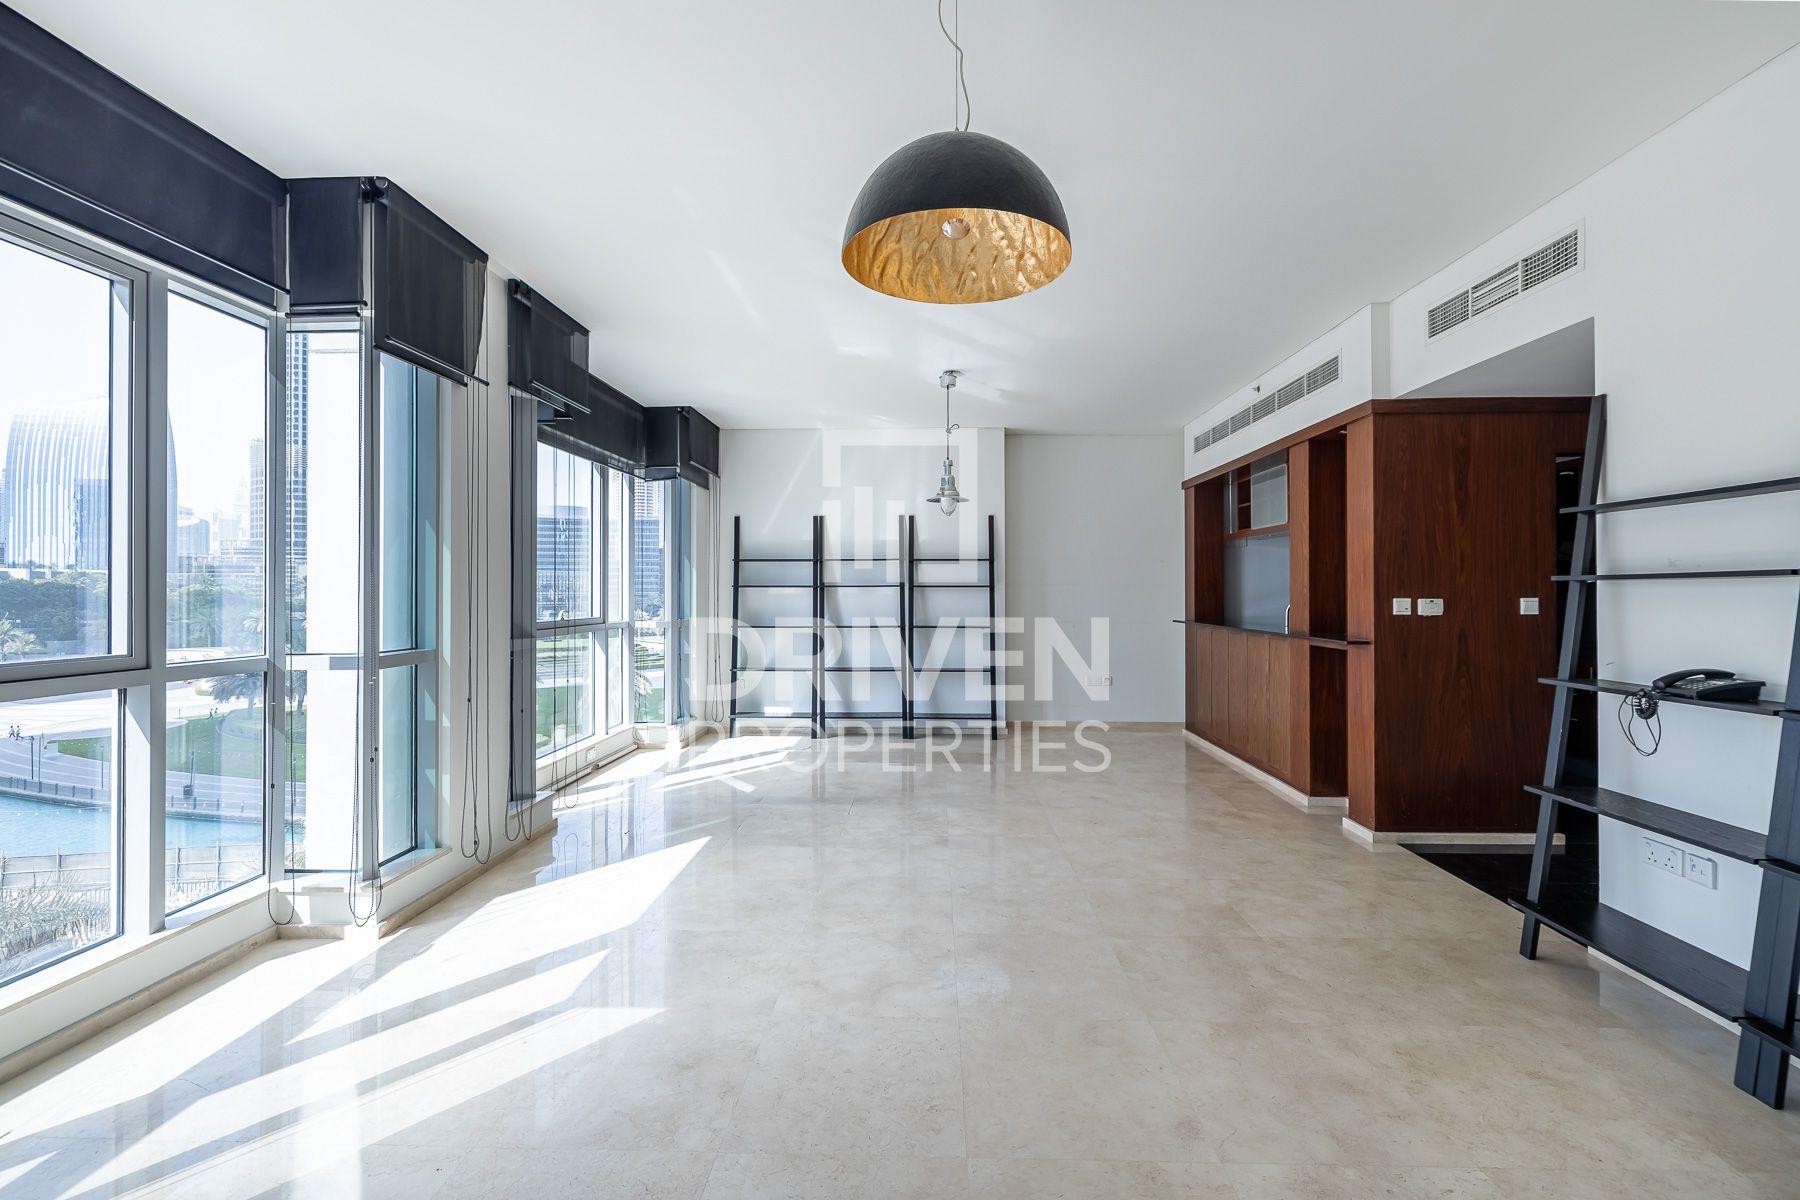 للايجار - شقة - 1ذا ريزيدنس - دبي وسط المدينة